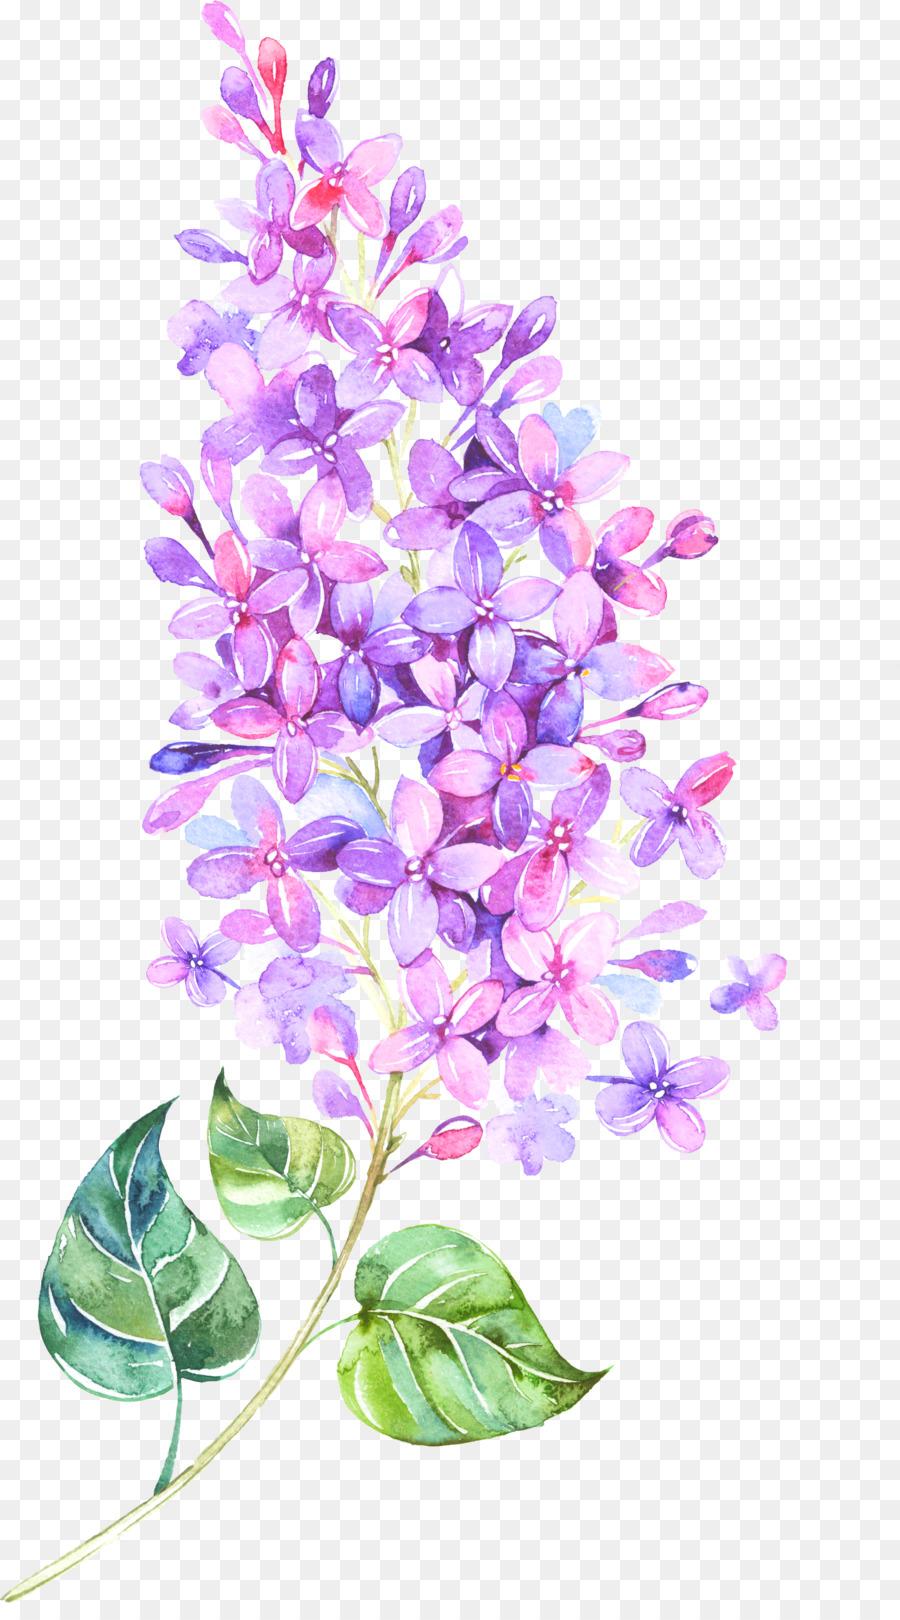 Flower Lilac Violet Clip Art Floating Flower Png Download 1968